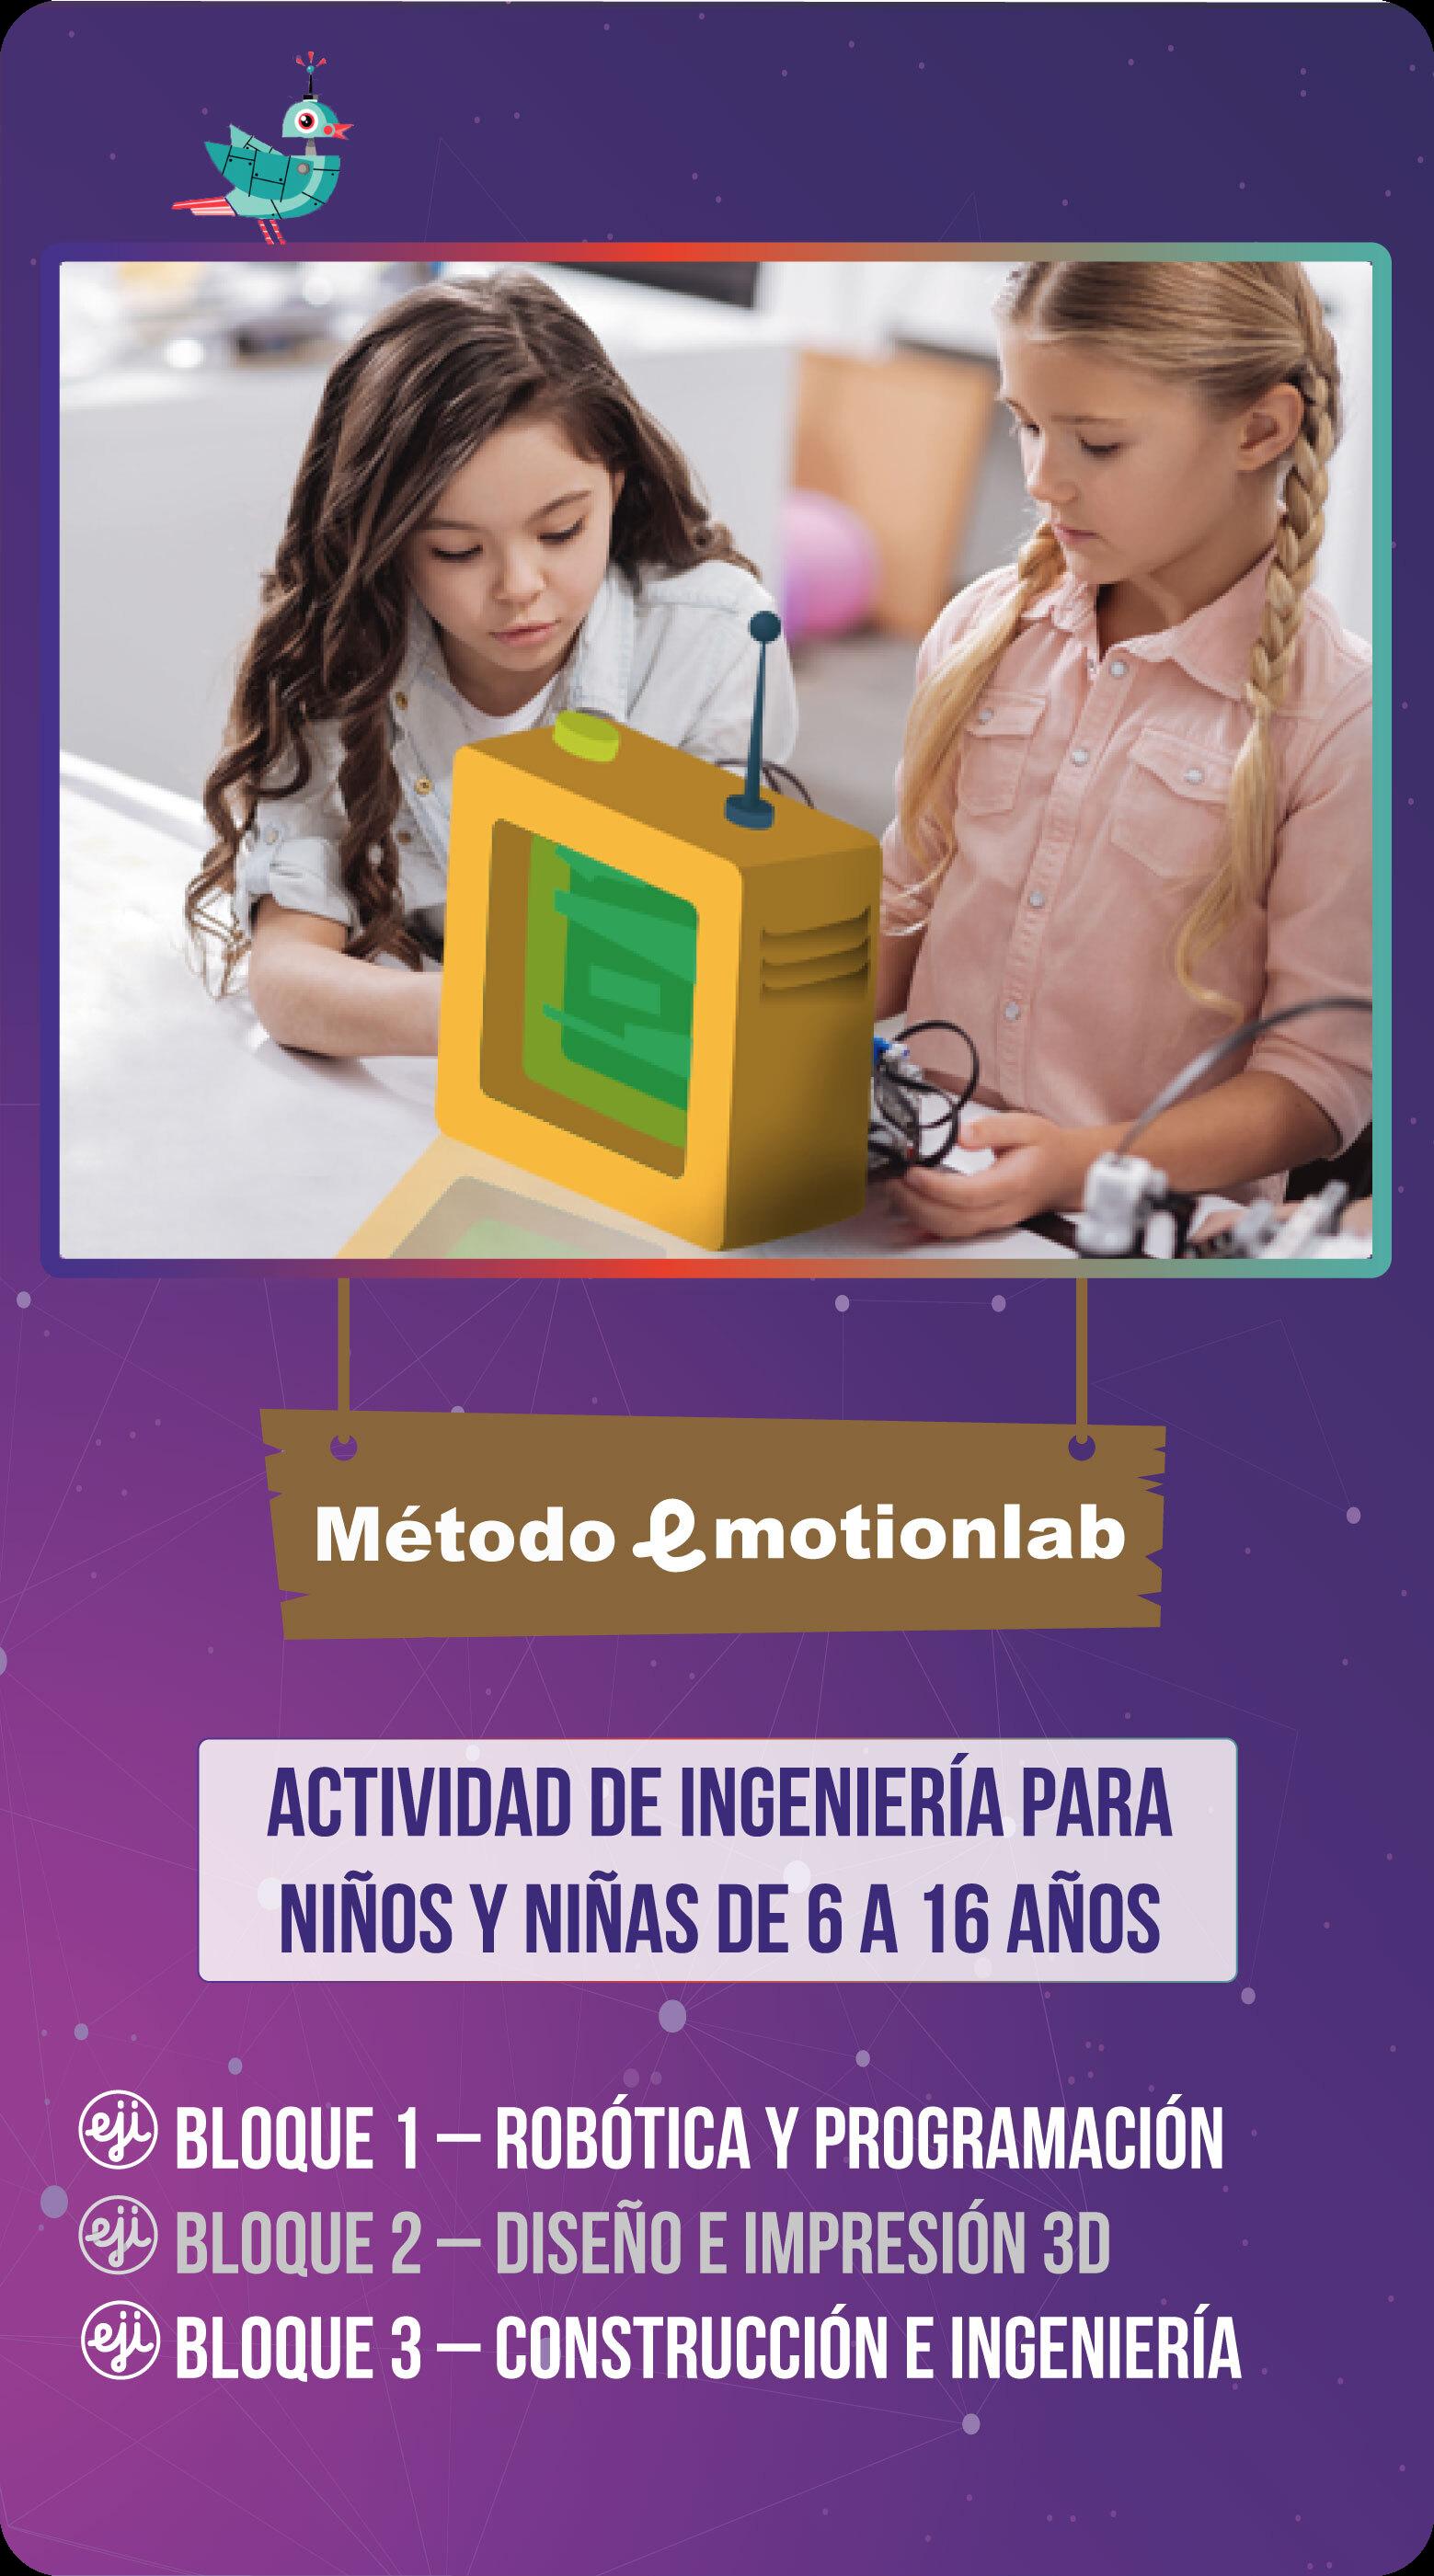 Curso de robótica para niñas y niños